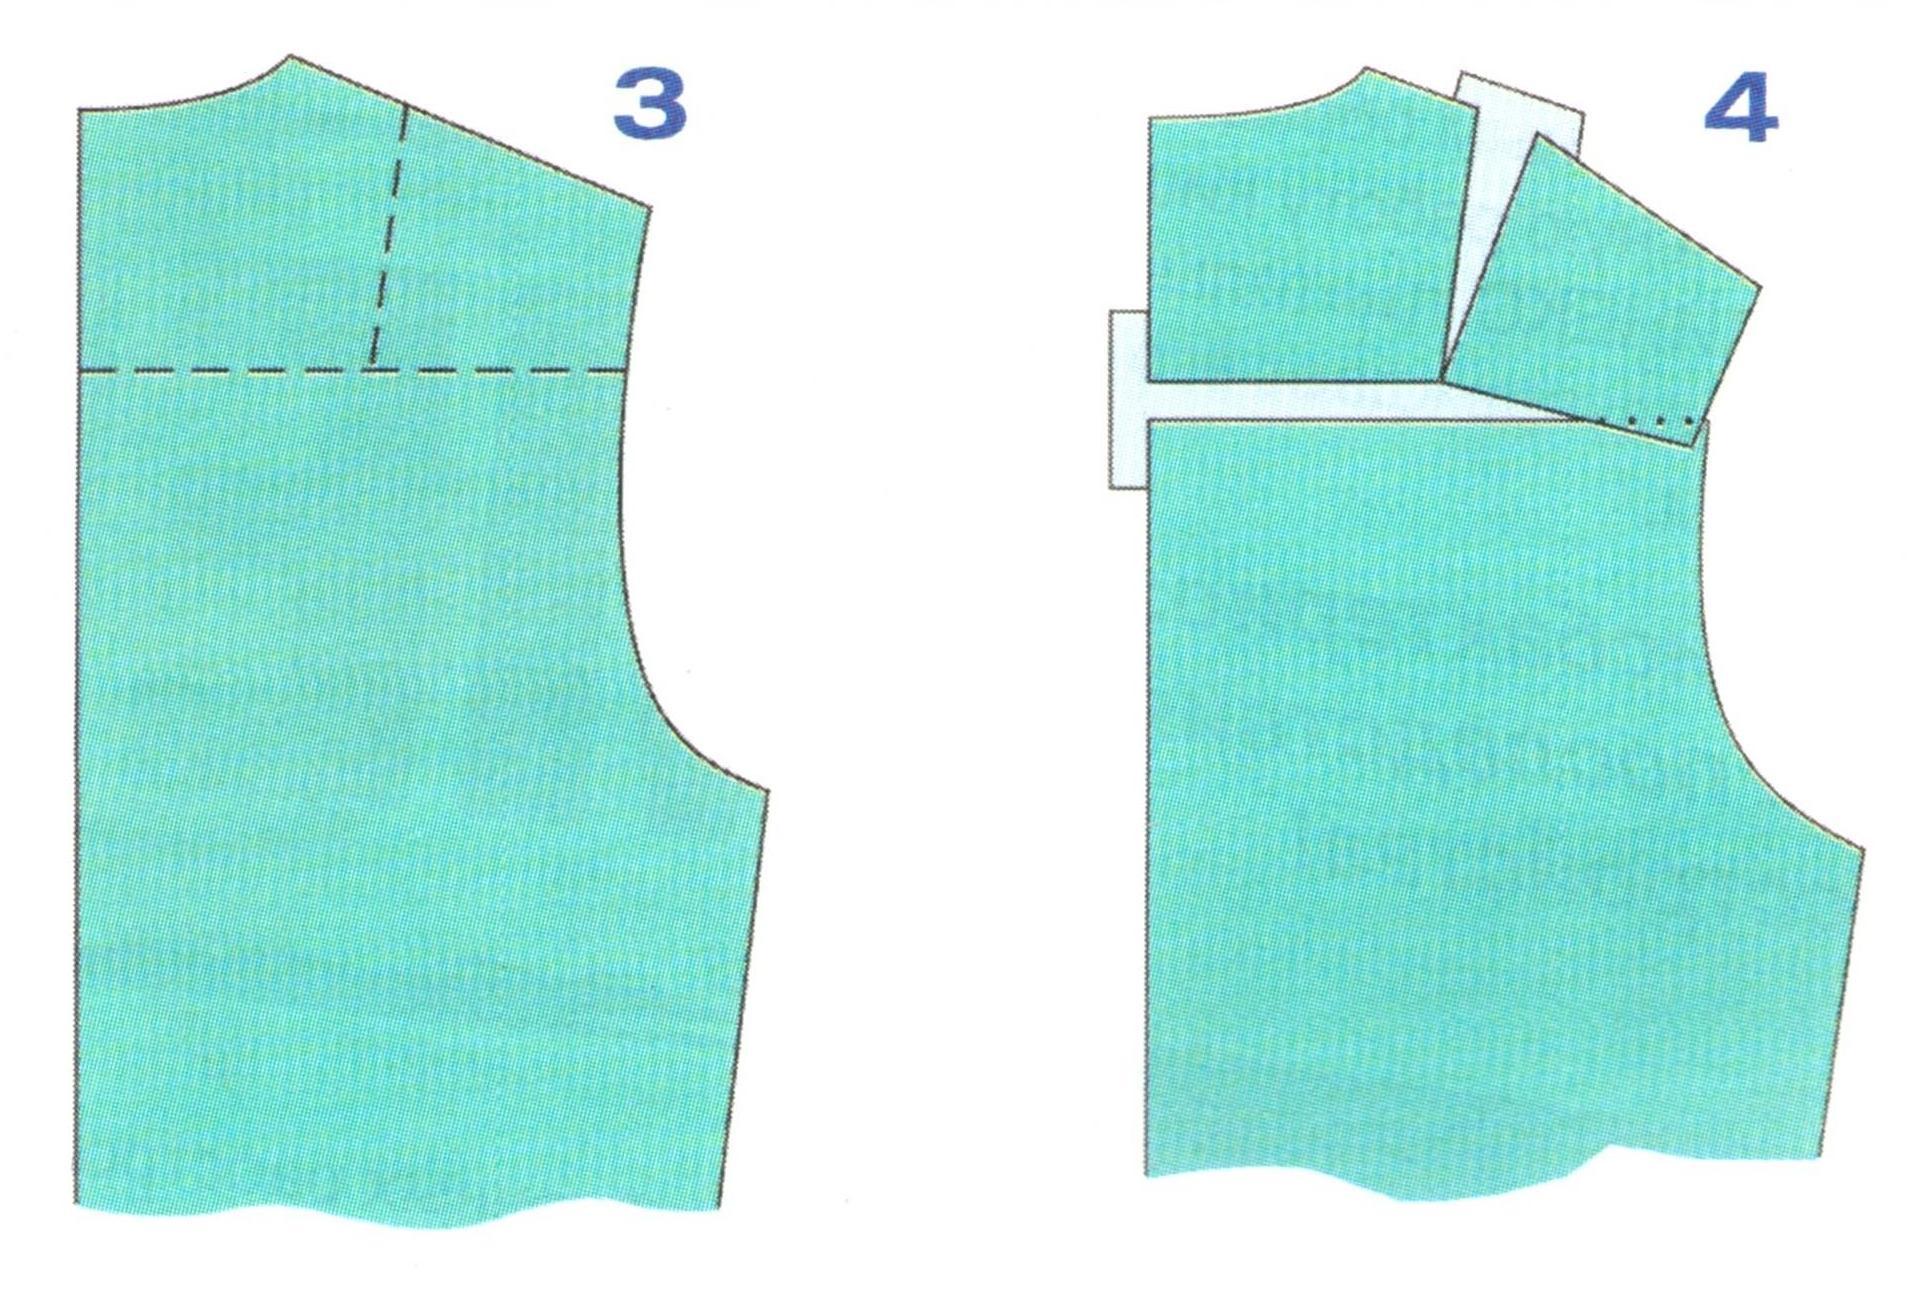 Шьем сами - секреты шитья от А. Корфиати 86